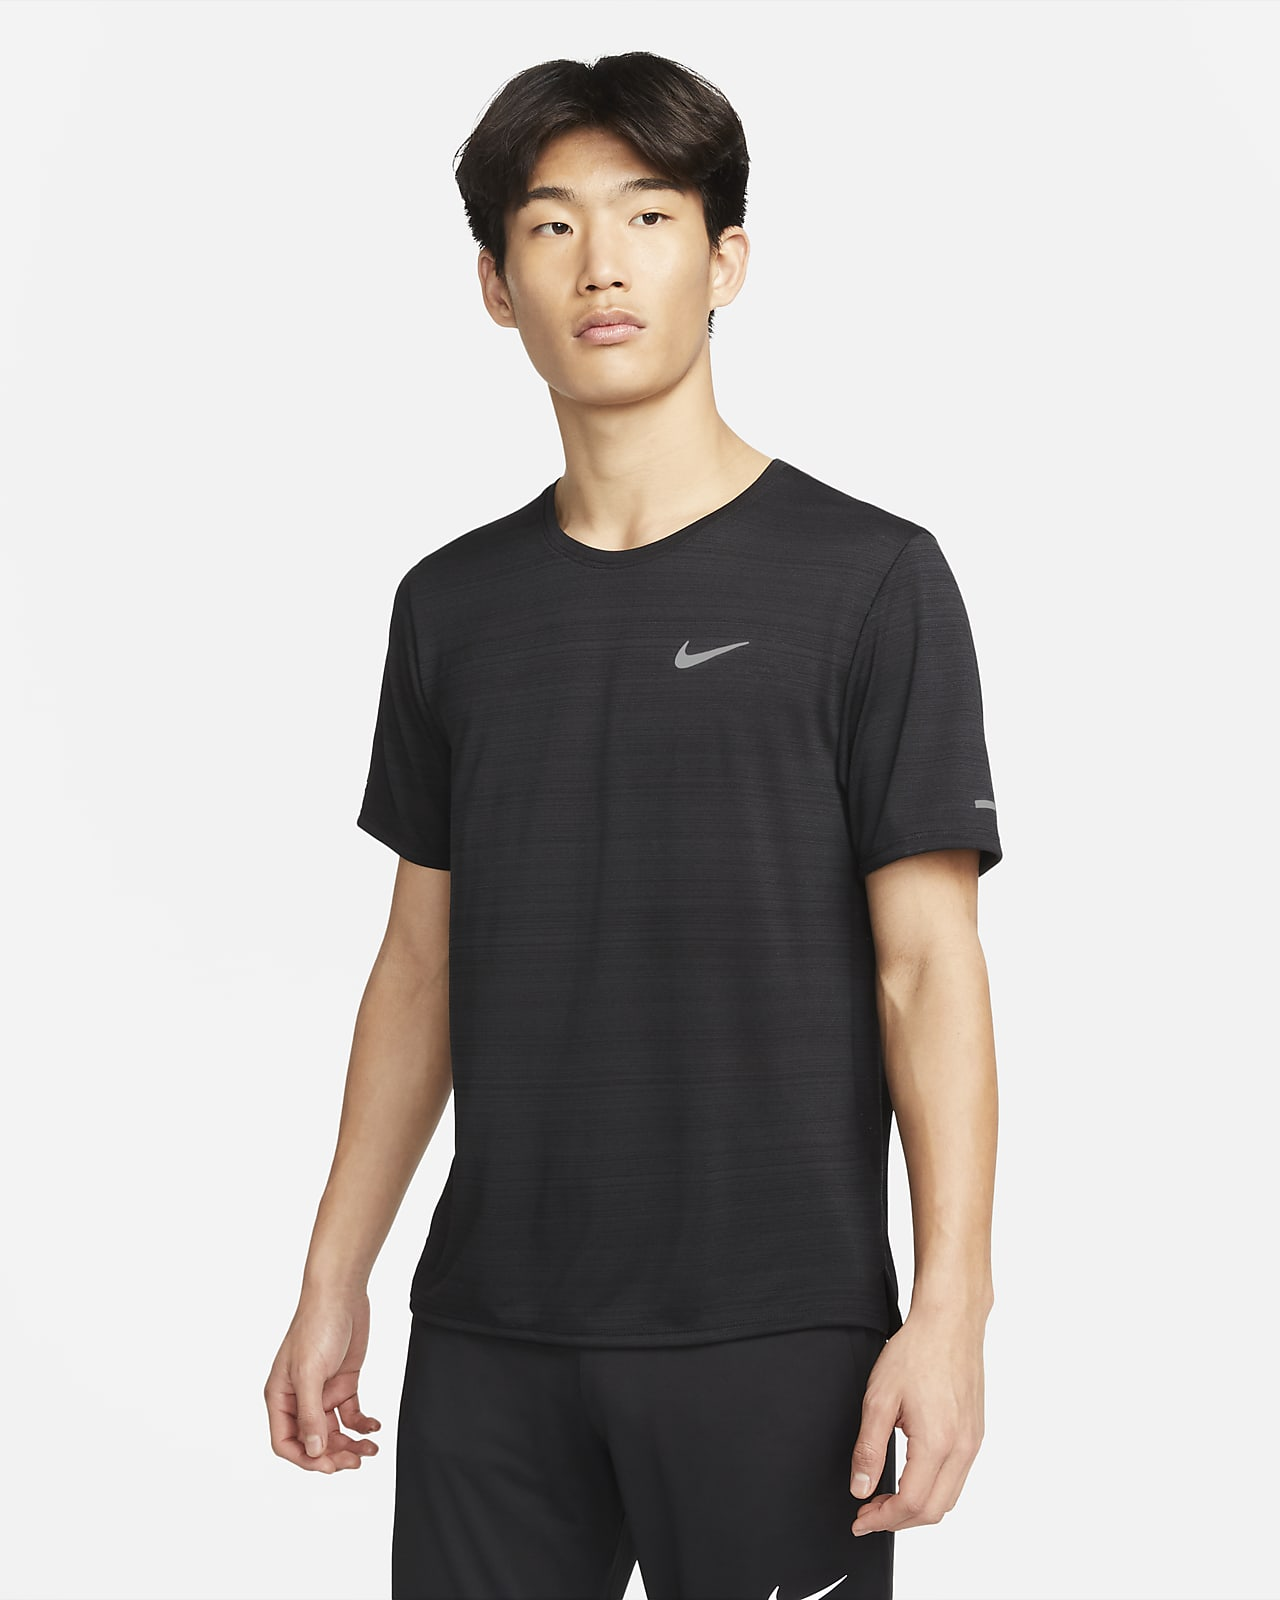 เสื้อวิ่งผู้ชาย Nike Dri-FIT Miler